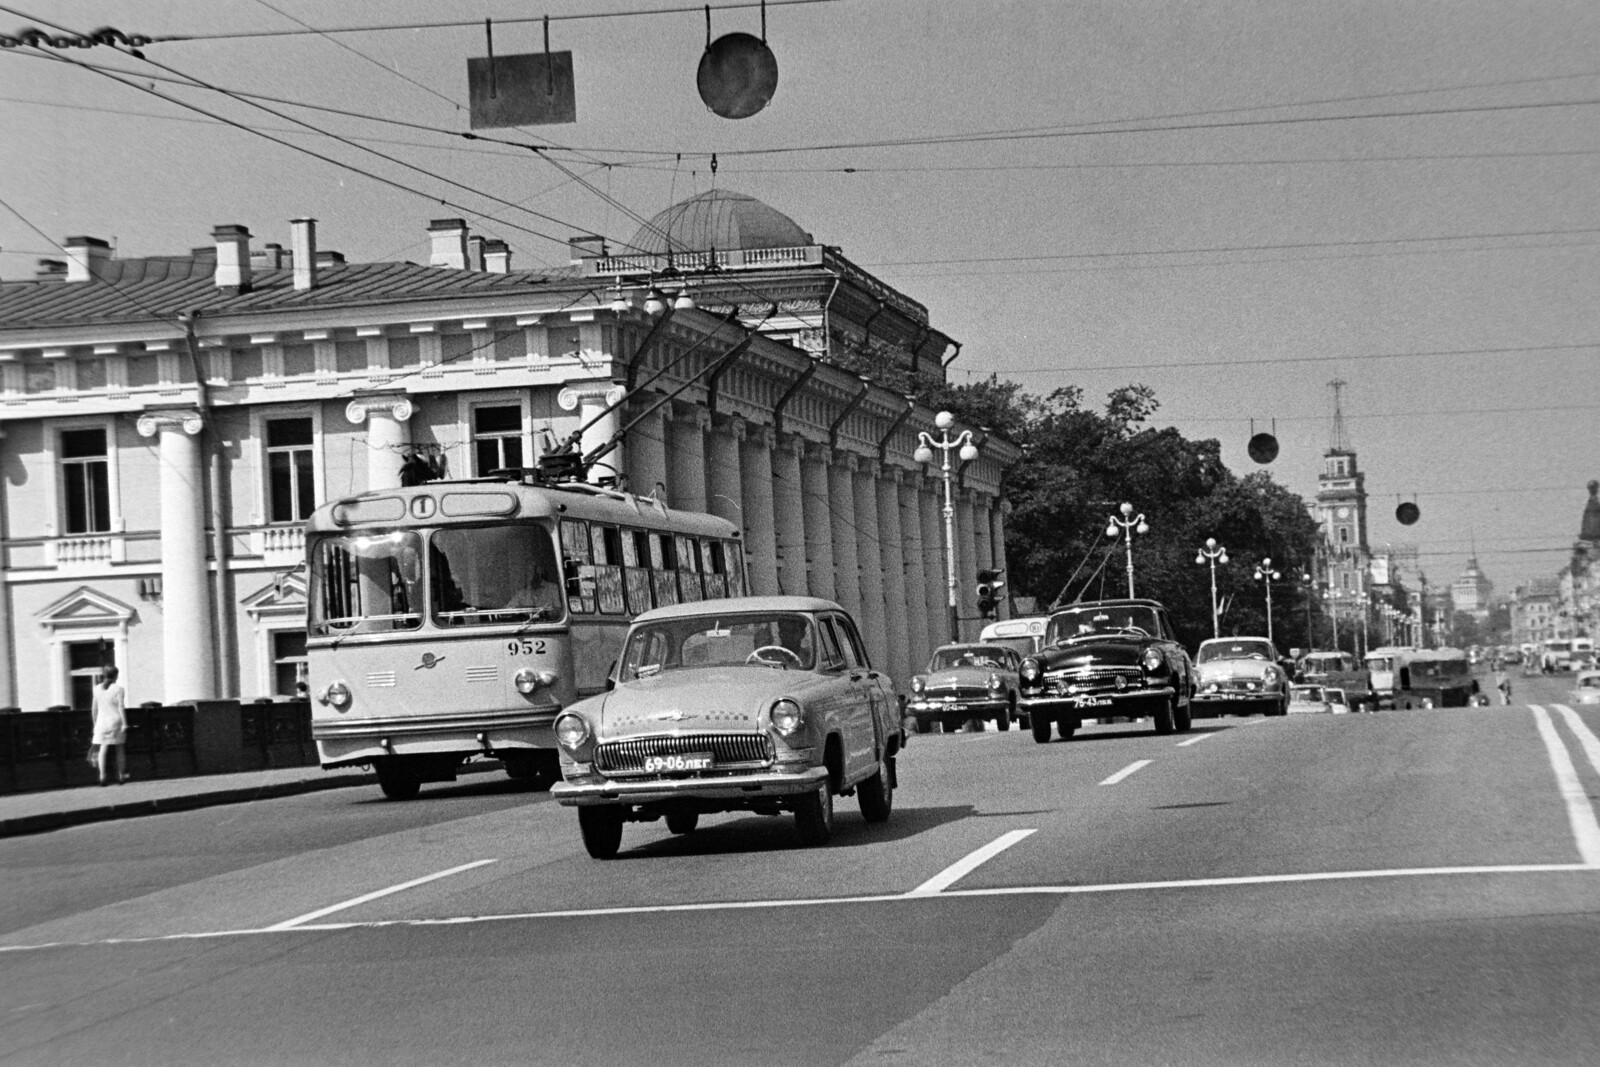 1970. Ленинград. Невский проспект